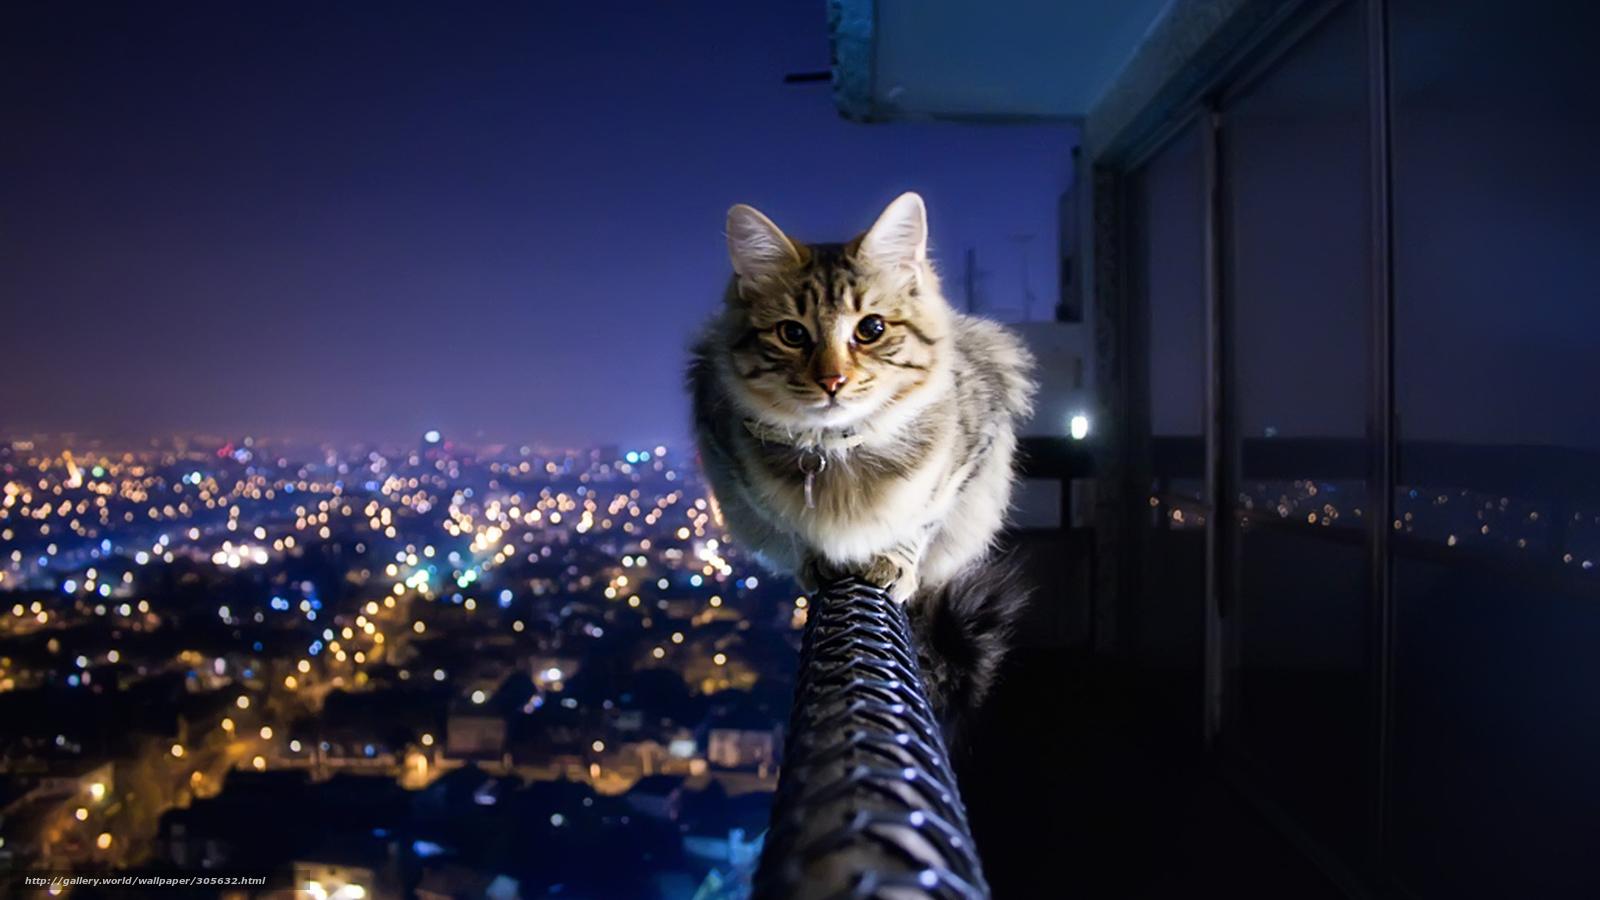 Pobra Tapety Zwierzta Kot Koty Ciemny Darmowe Tapety Na Pulpit